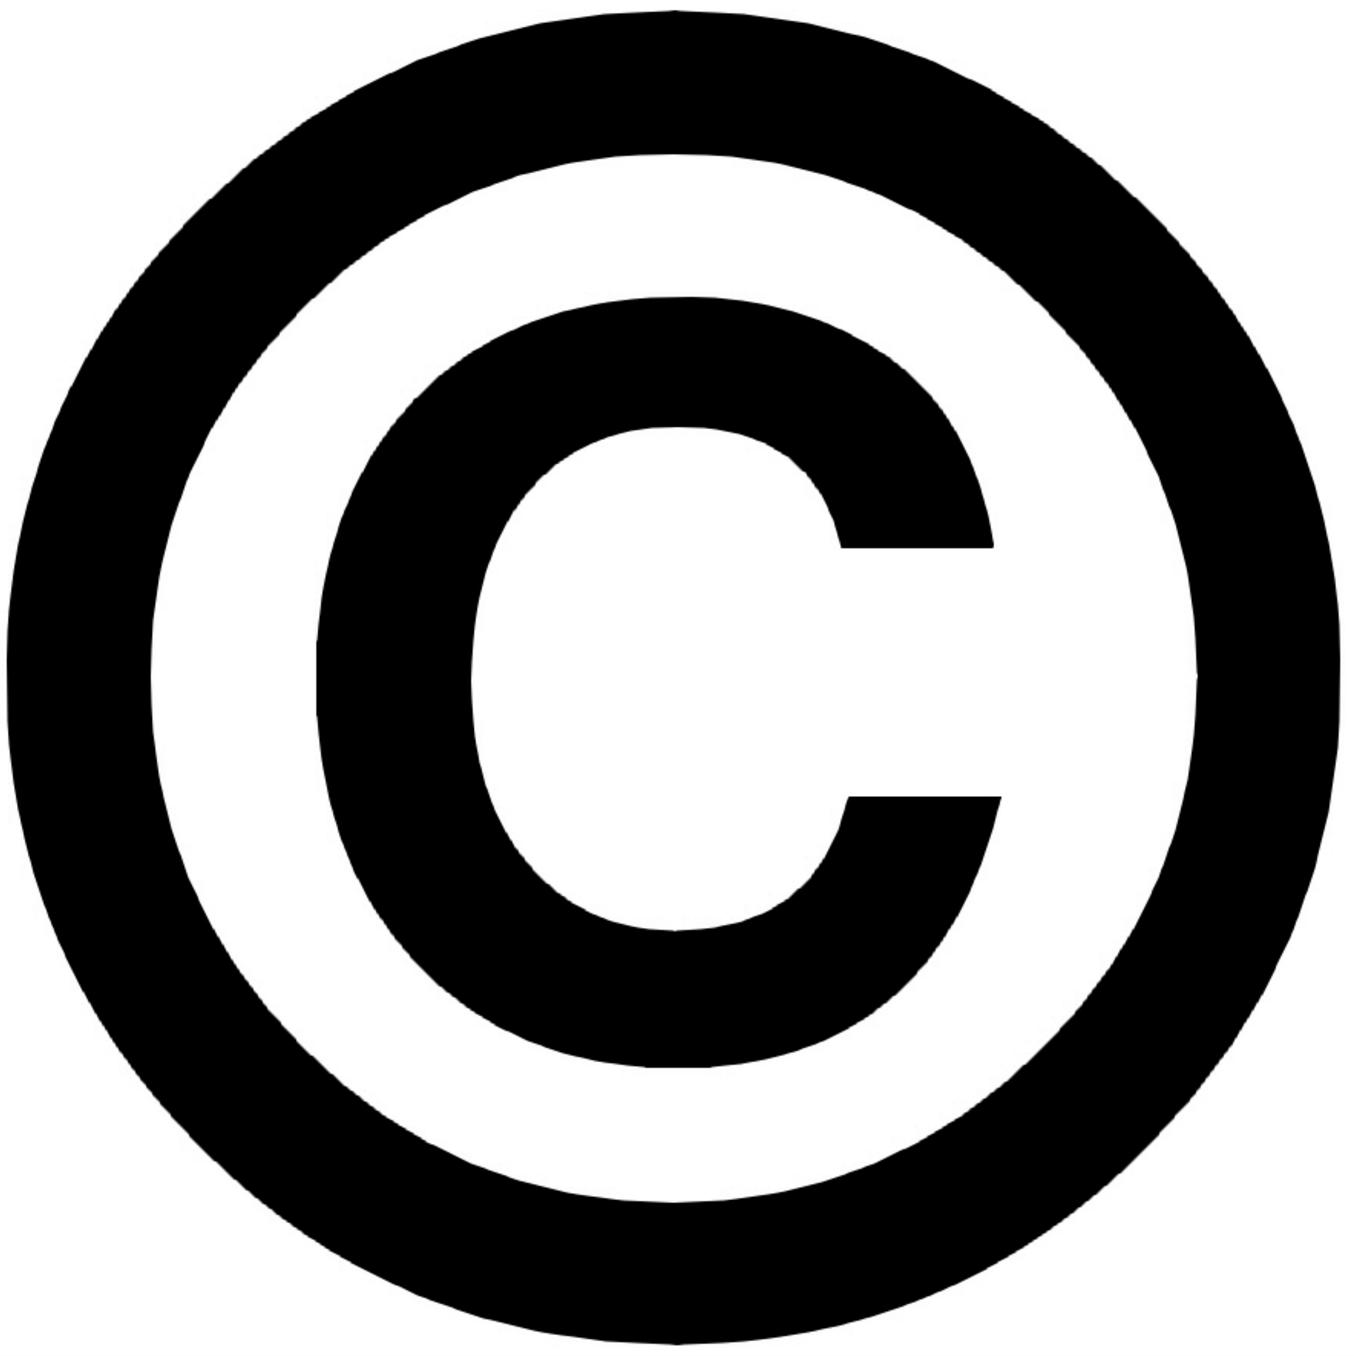 Le Droit D Auteur Au Defi Des Pratiques Numeriques Ihej